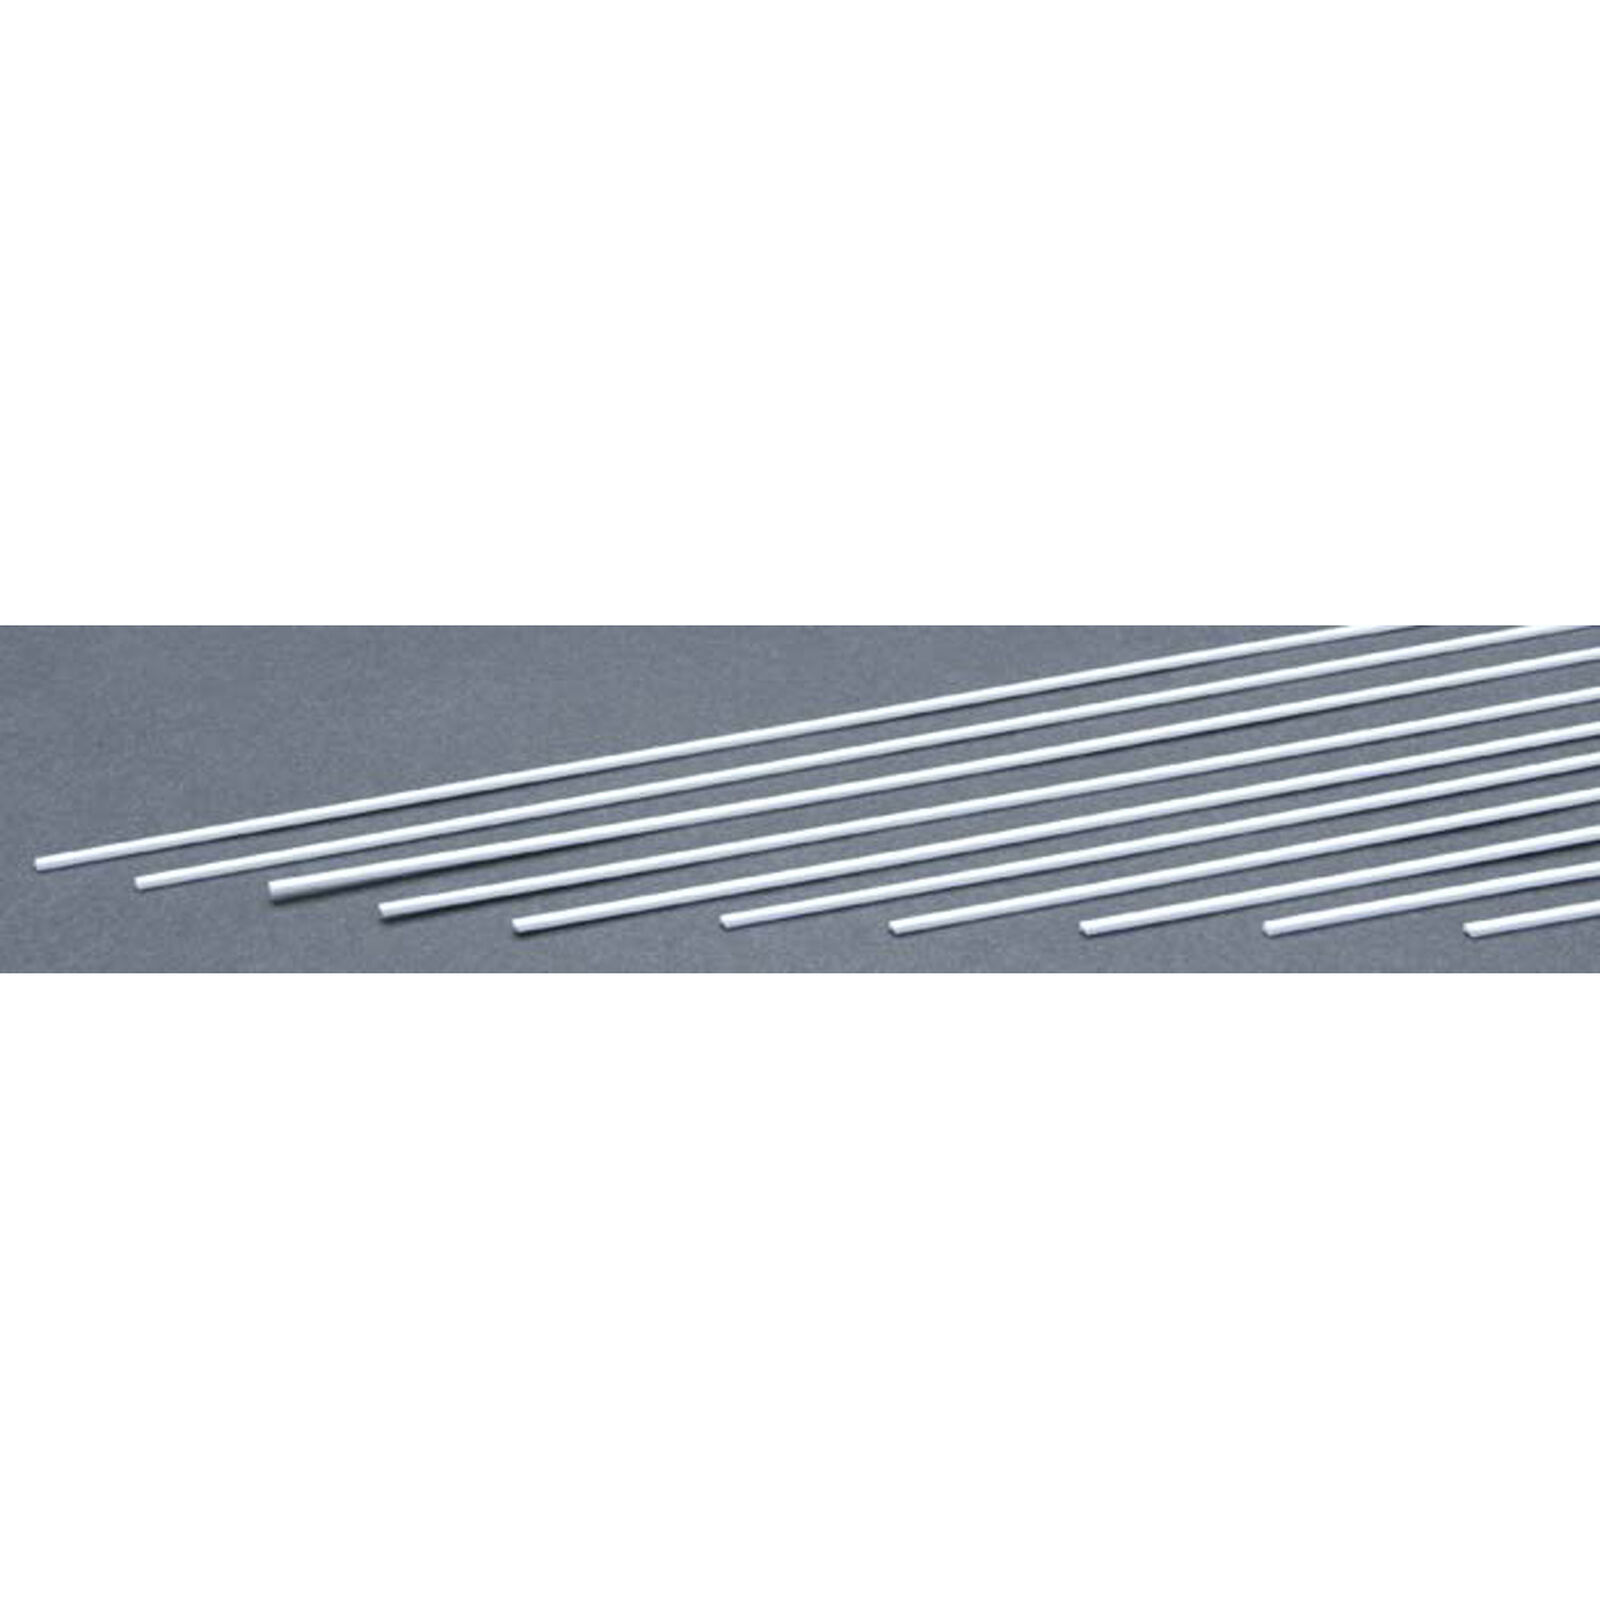 Strip .040 x .080 (10)